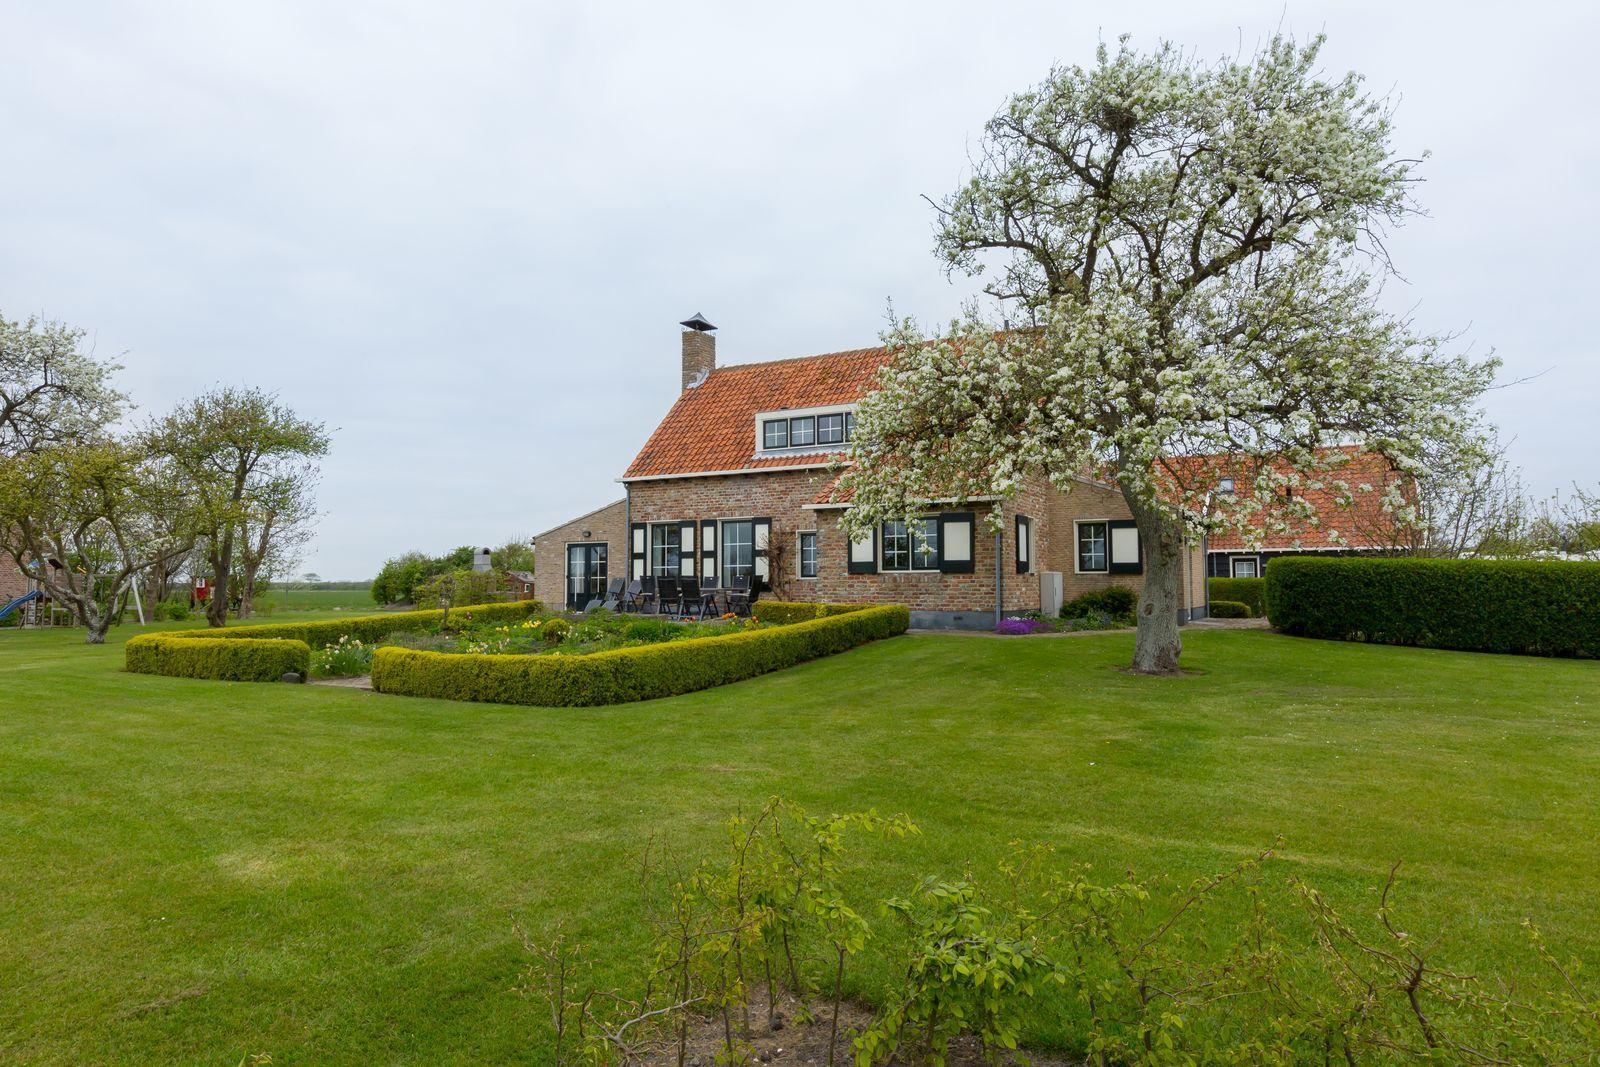 Ferienhaus für 8 Personen ca 120 m² in Oostkapelle Zeeland Küste von Zeeland